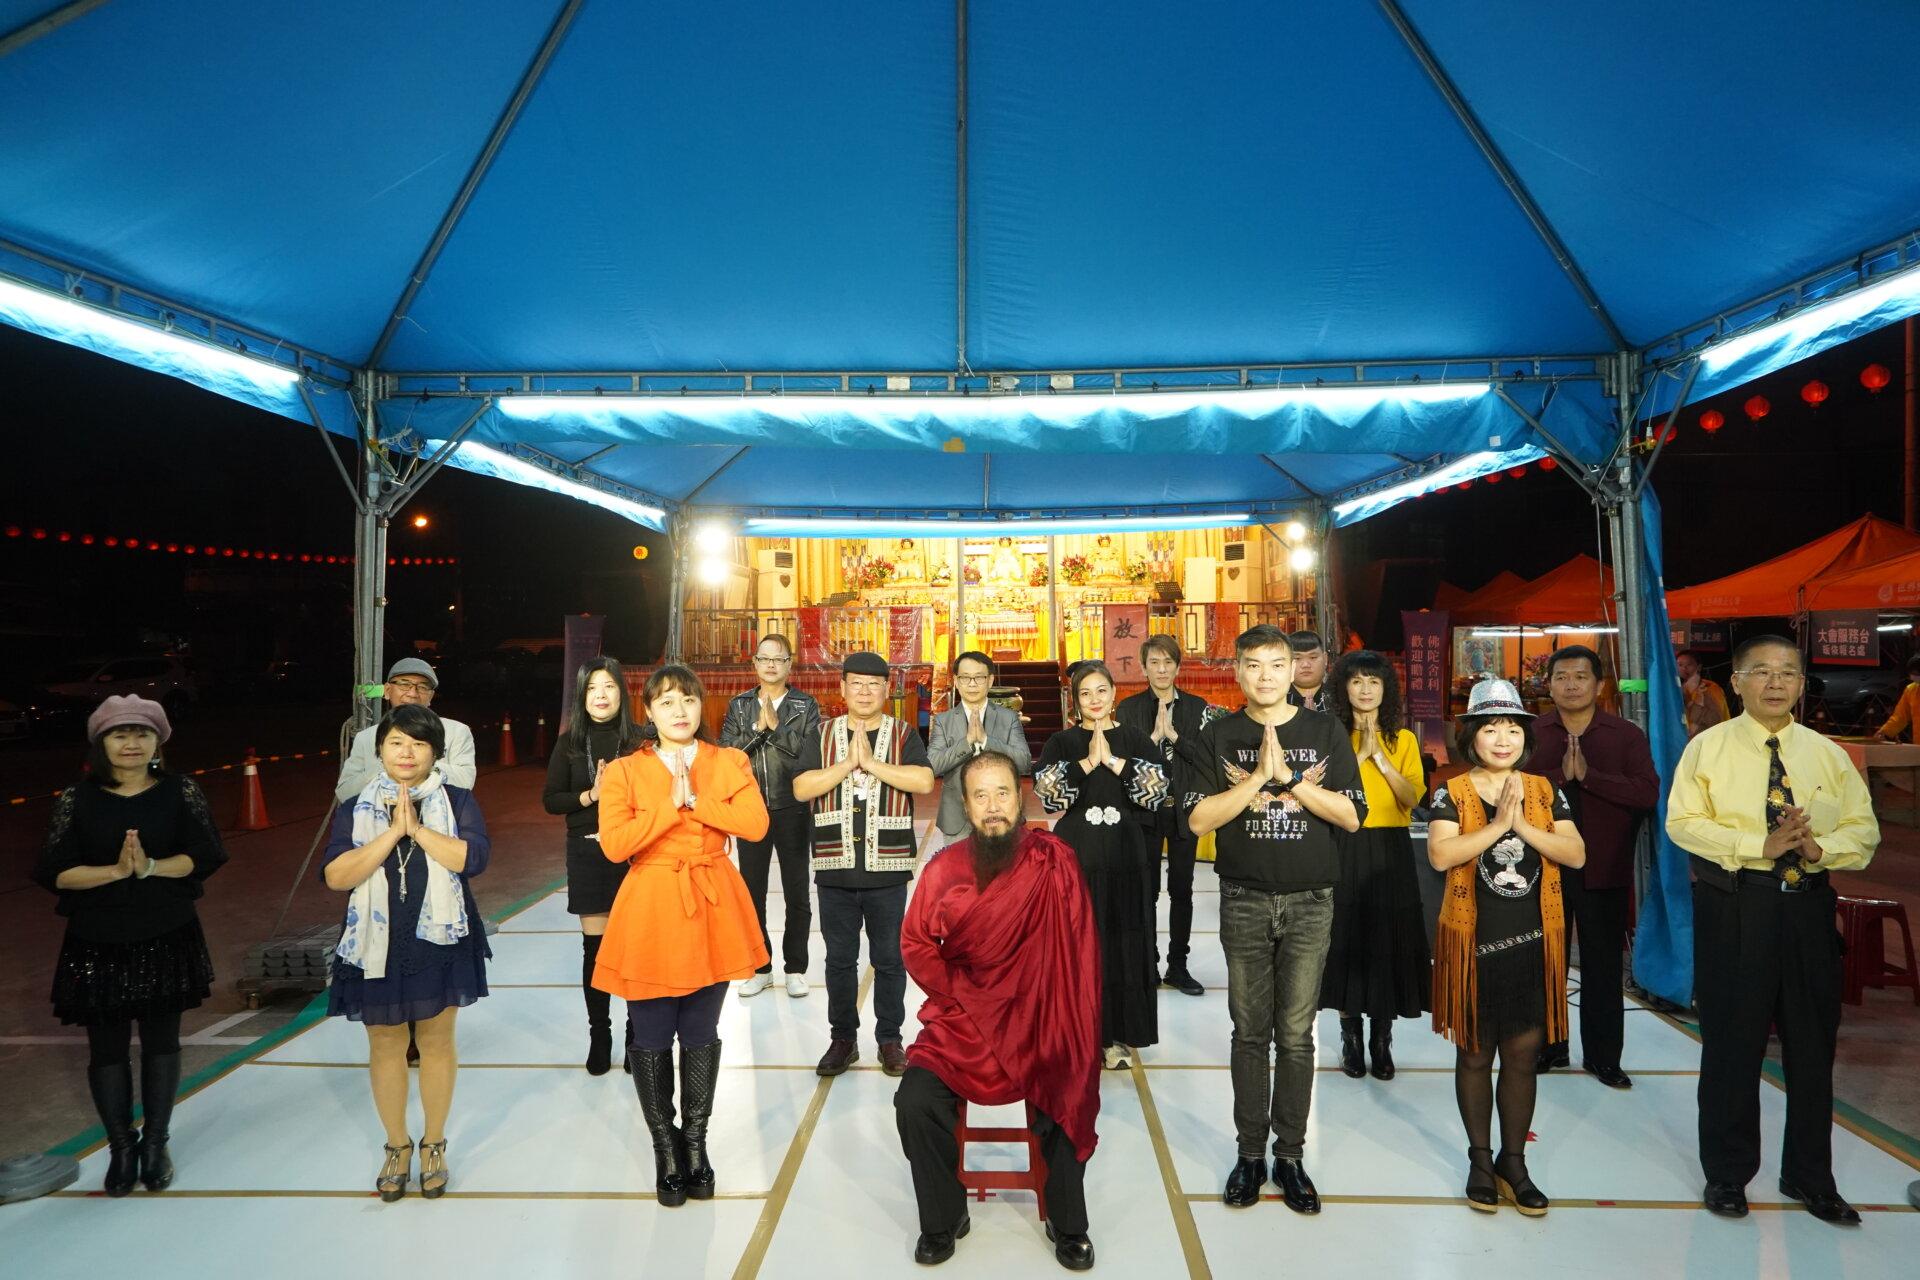 行動佛殿122站台南萬皇宮,本會指導上師恆性嘉措仁波且與芊彤歌唱坊合影